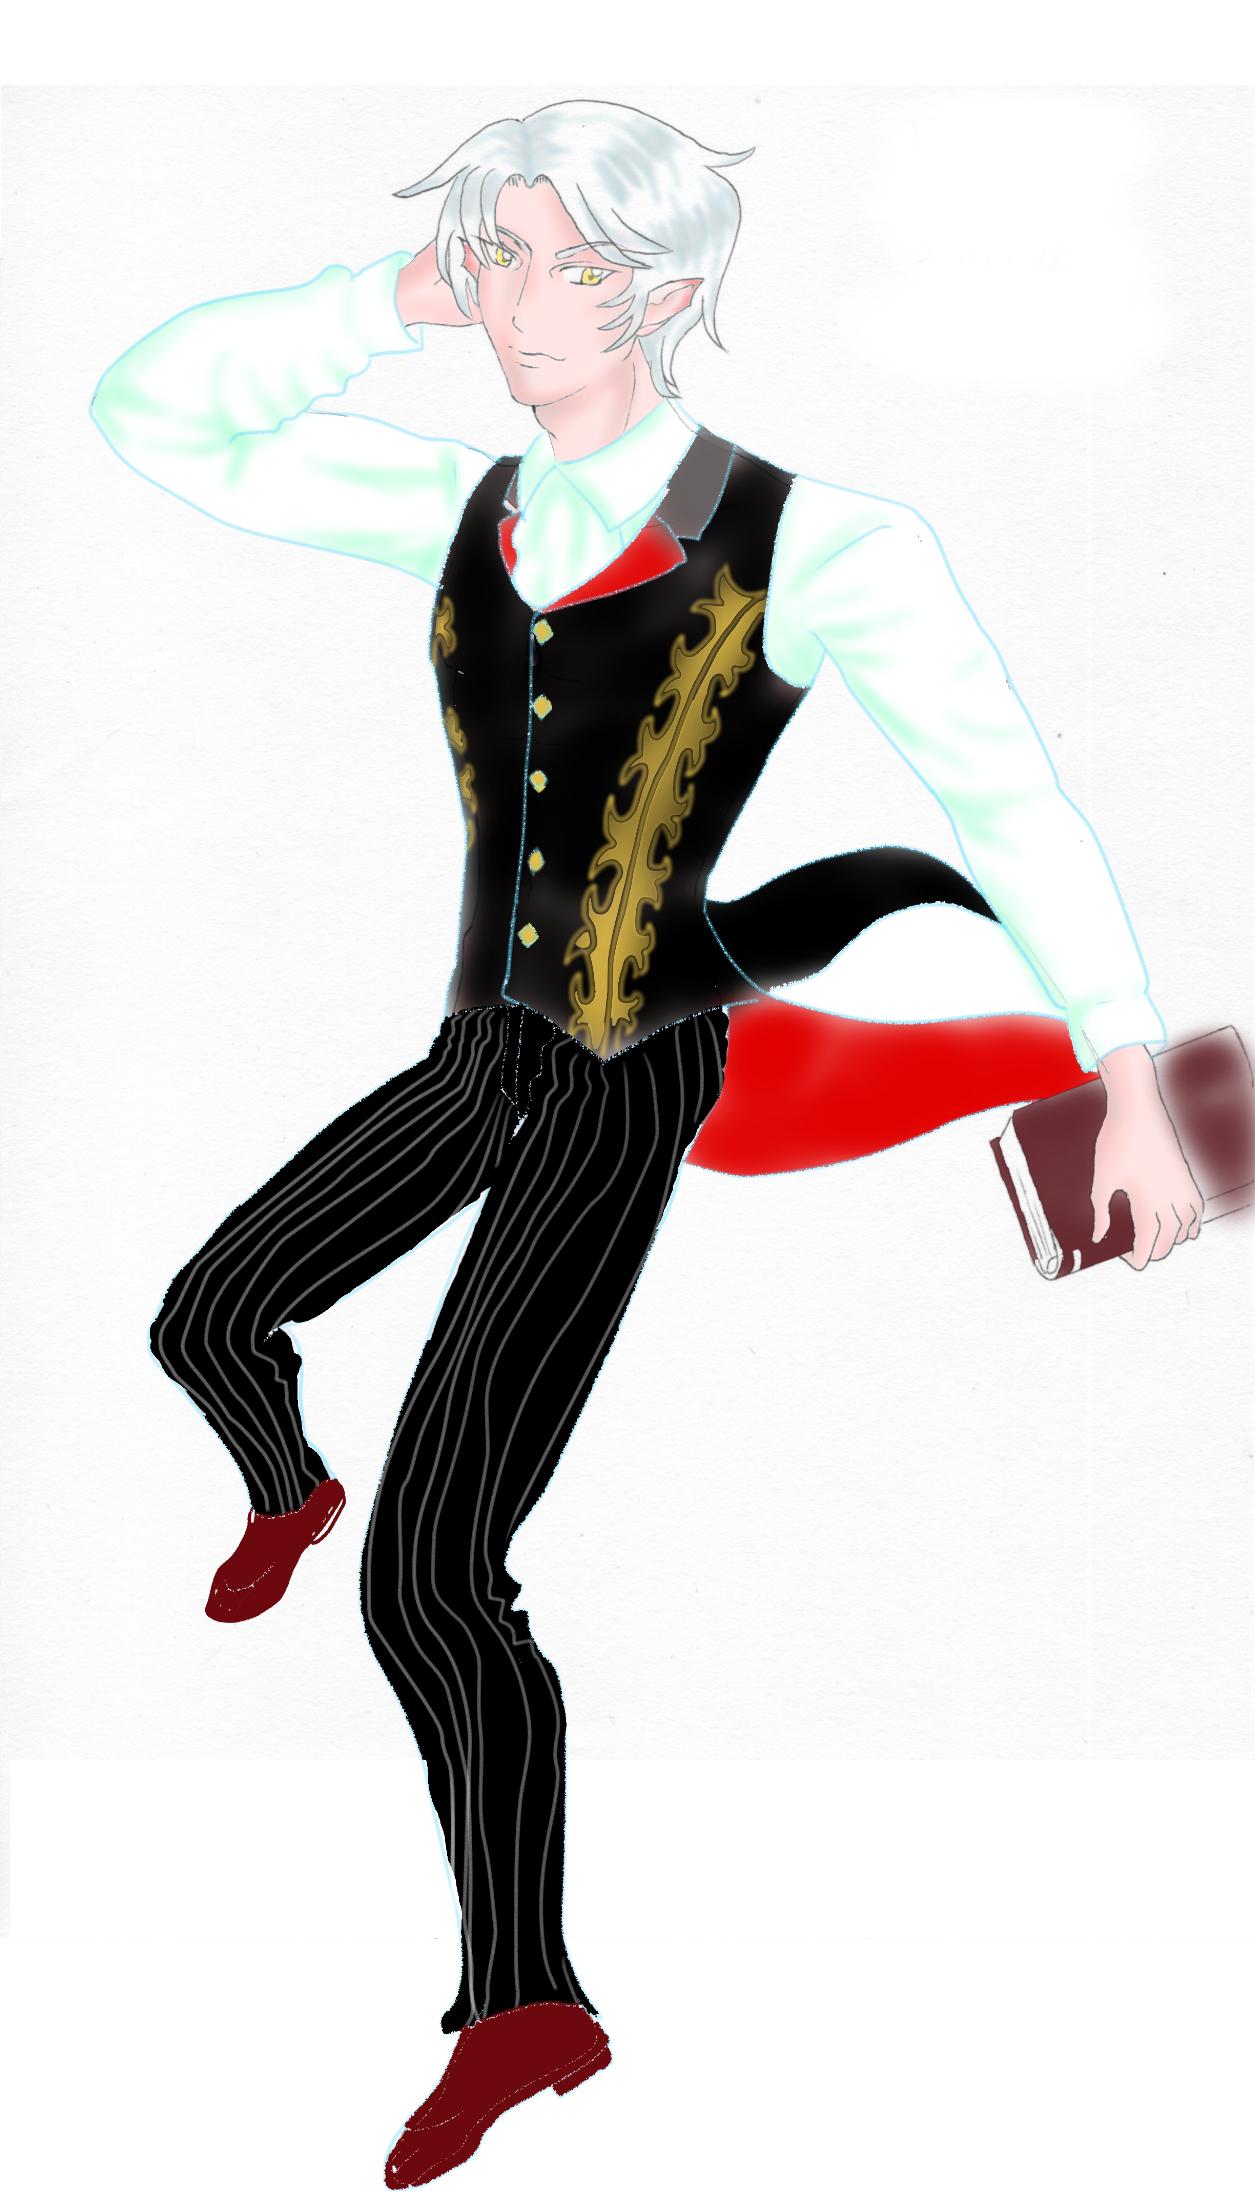 キャラクターファッション02